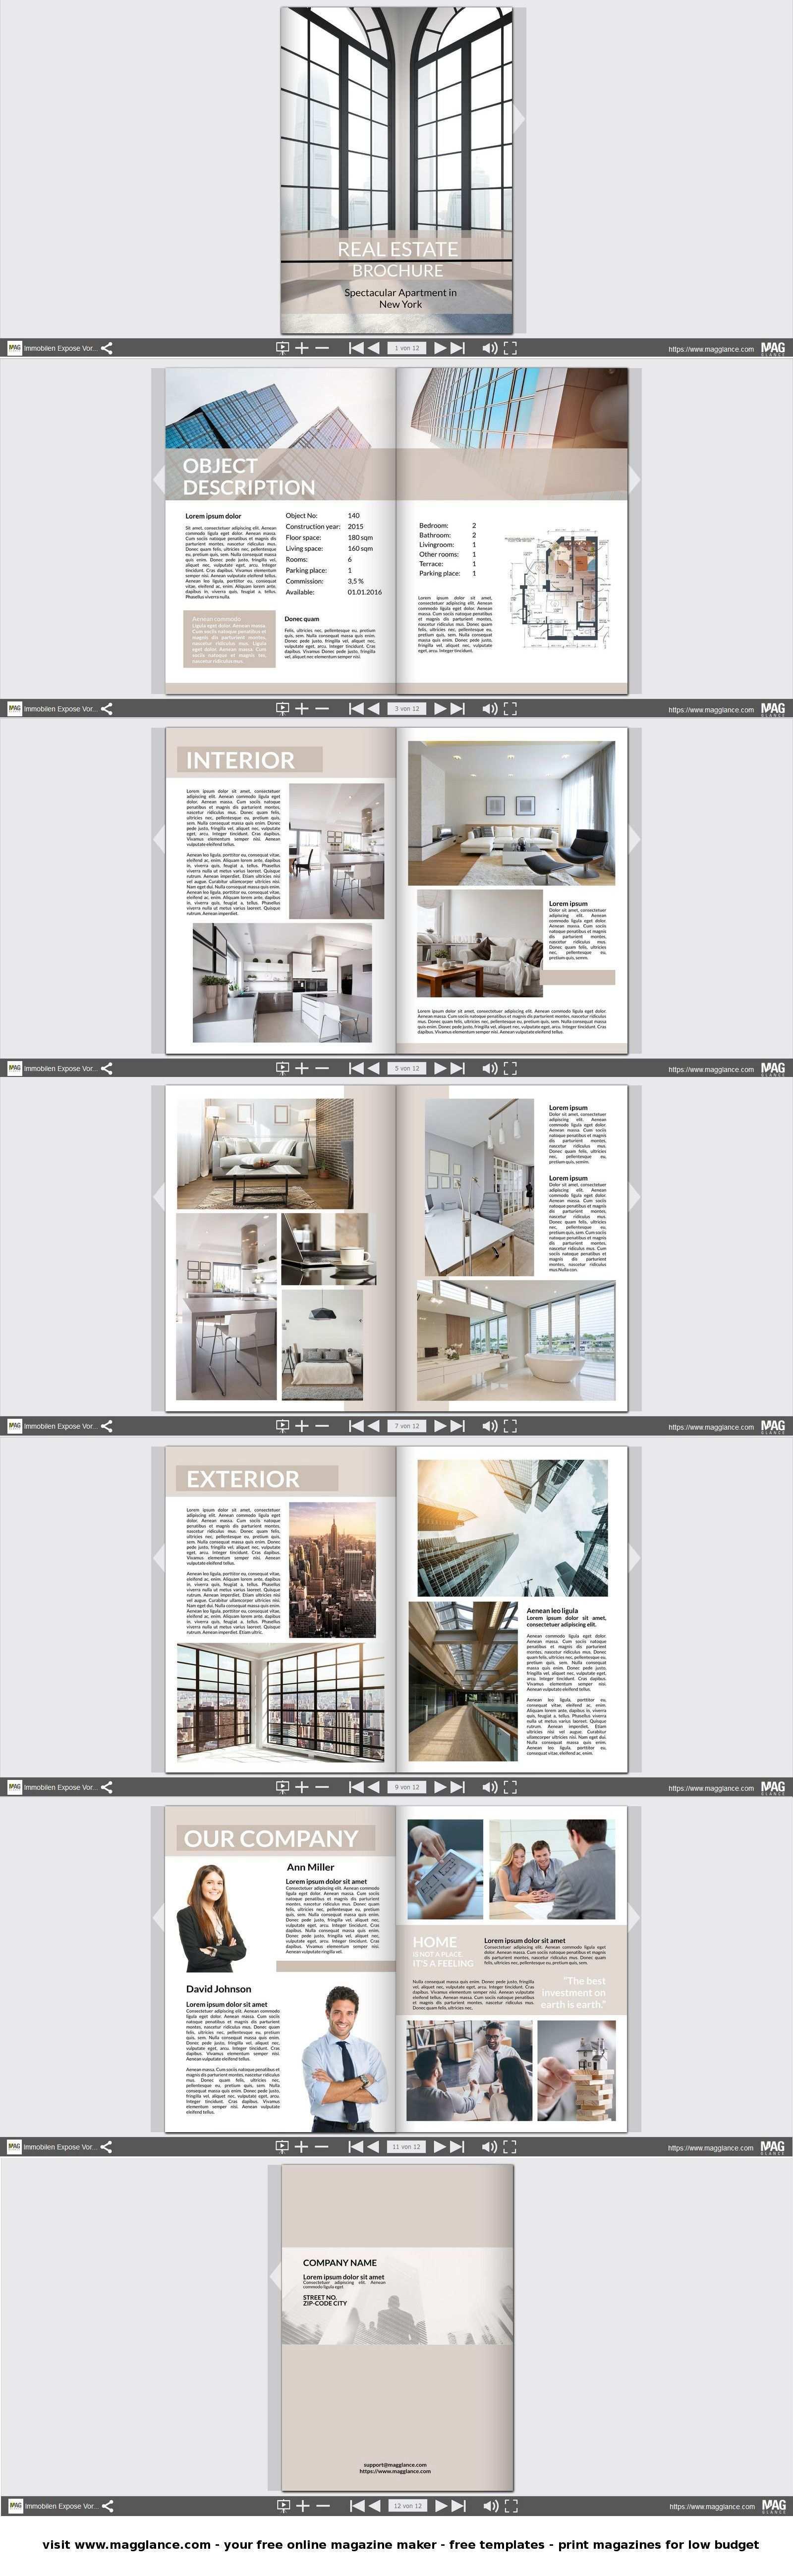 Immobilien Expose Kostenlos Online Erstellen Und Gunstig Drucken Unter De Magglance Com Immobilien Expose Wohne Expose Immobilien Immobilien Broschure Design